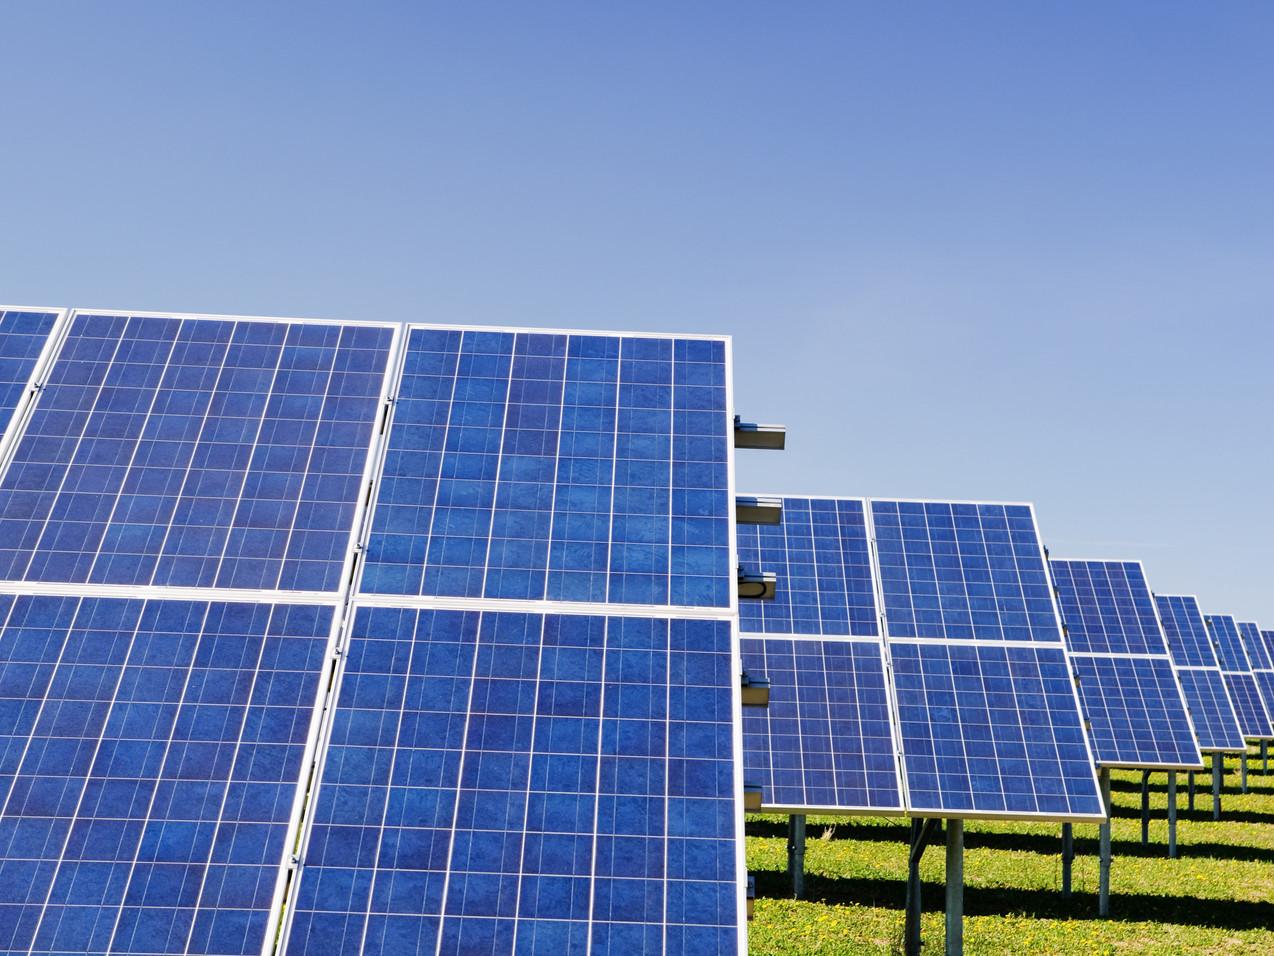 Kurrawang Community Solar